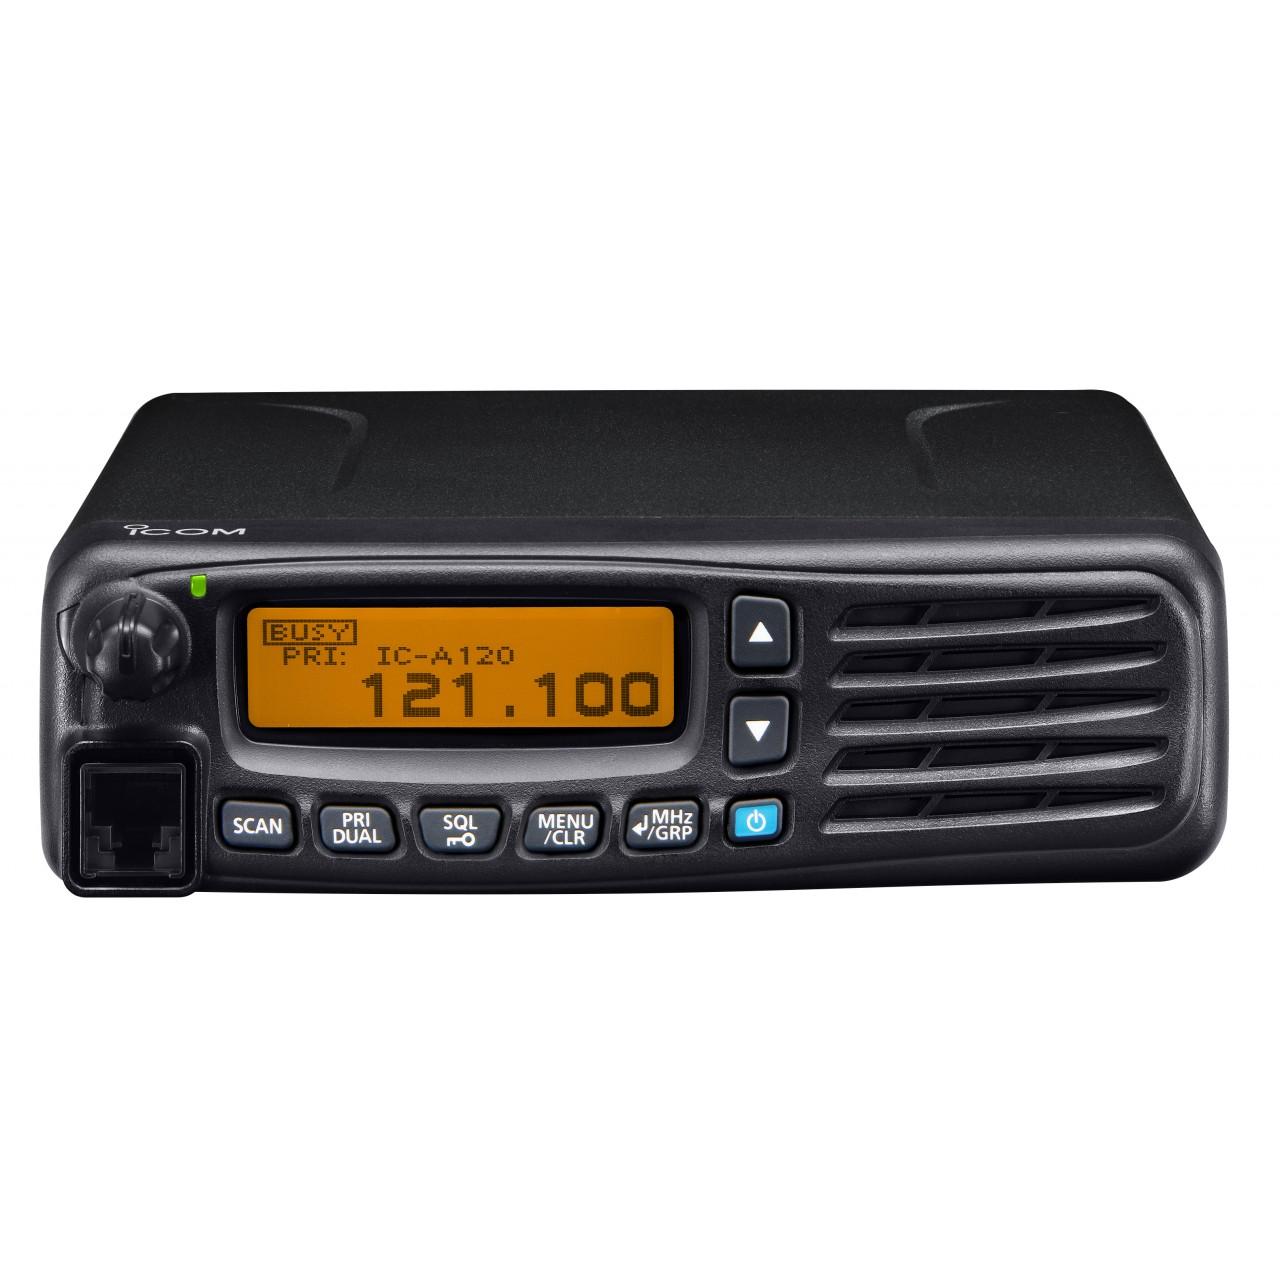 IC-A120E Mobiles - ICOM